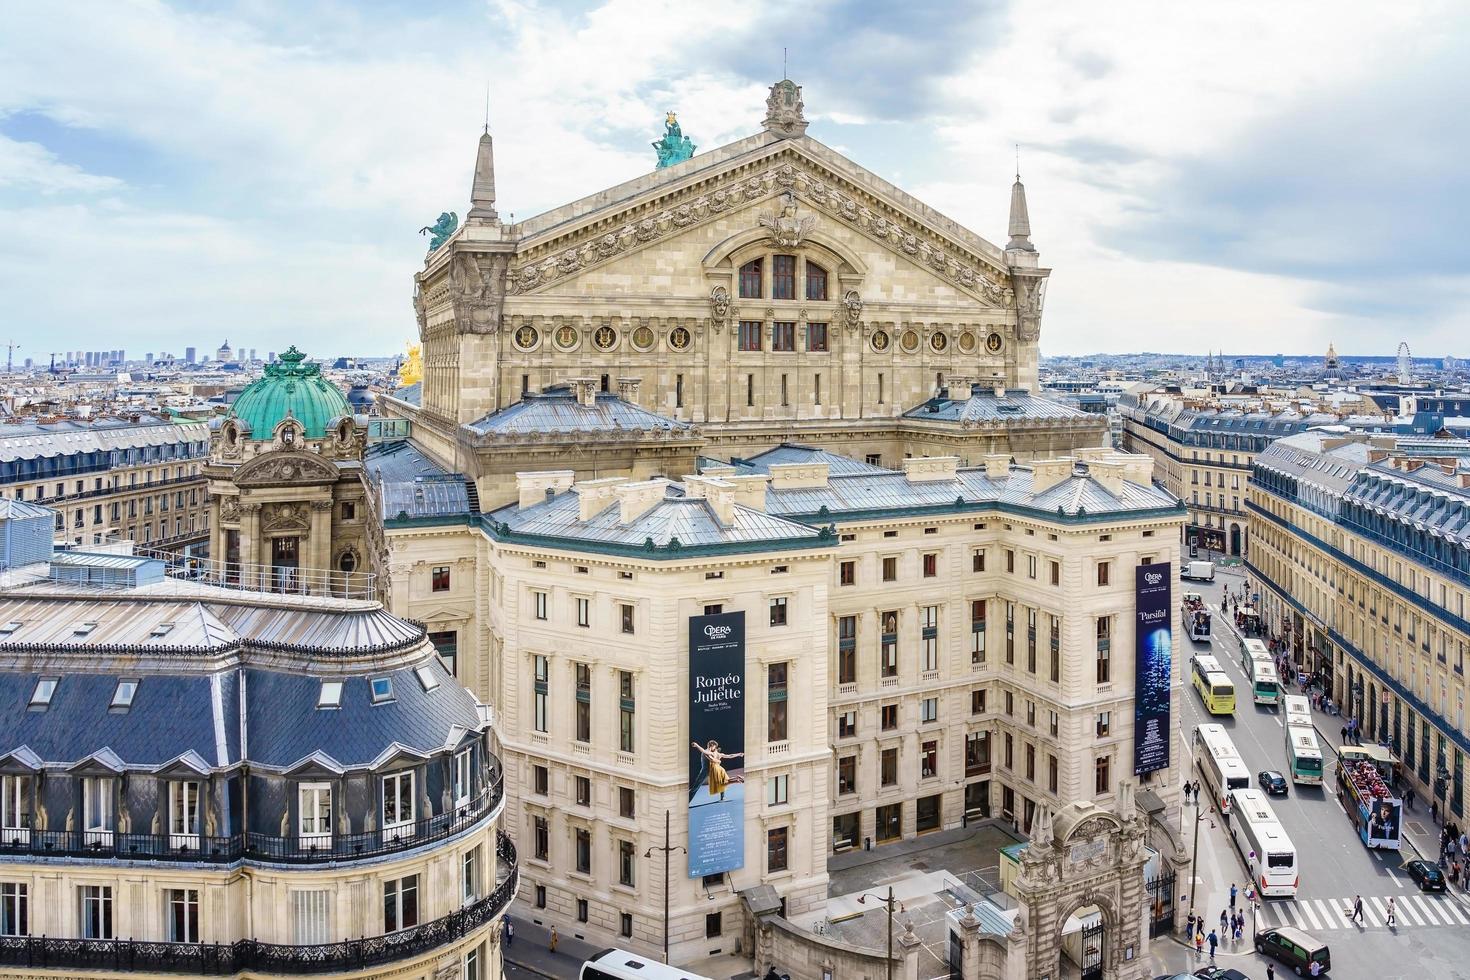 vista aérea de la ópera garnier en parís, francia, 2018 foto